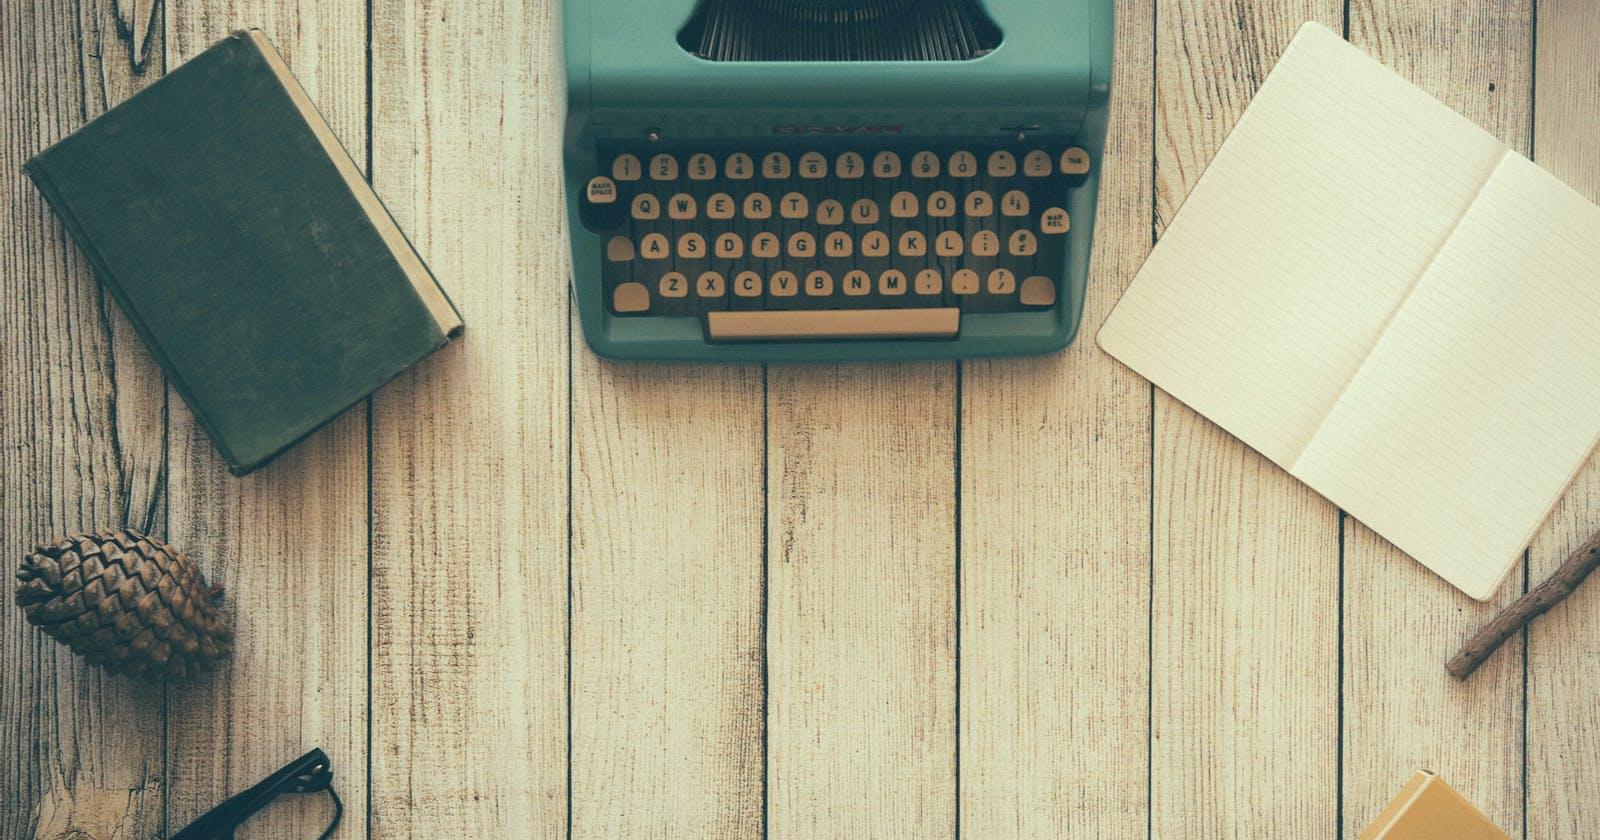 Become a better writer as a developer